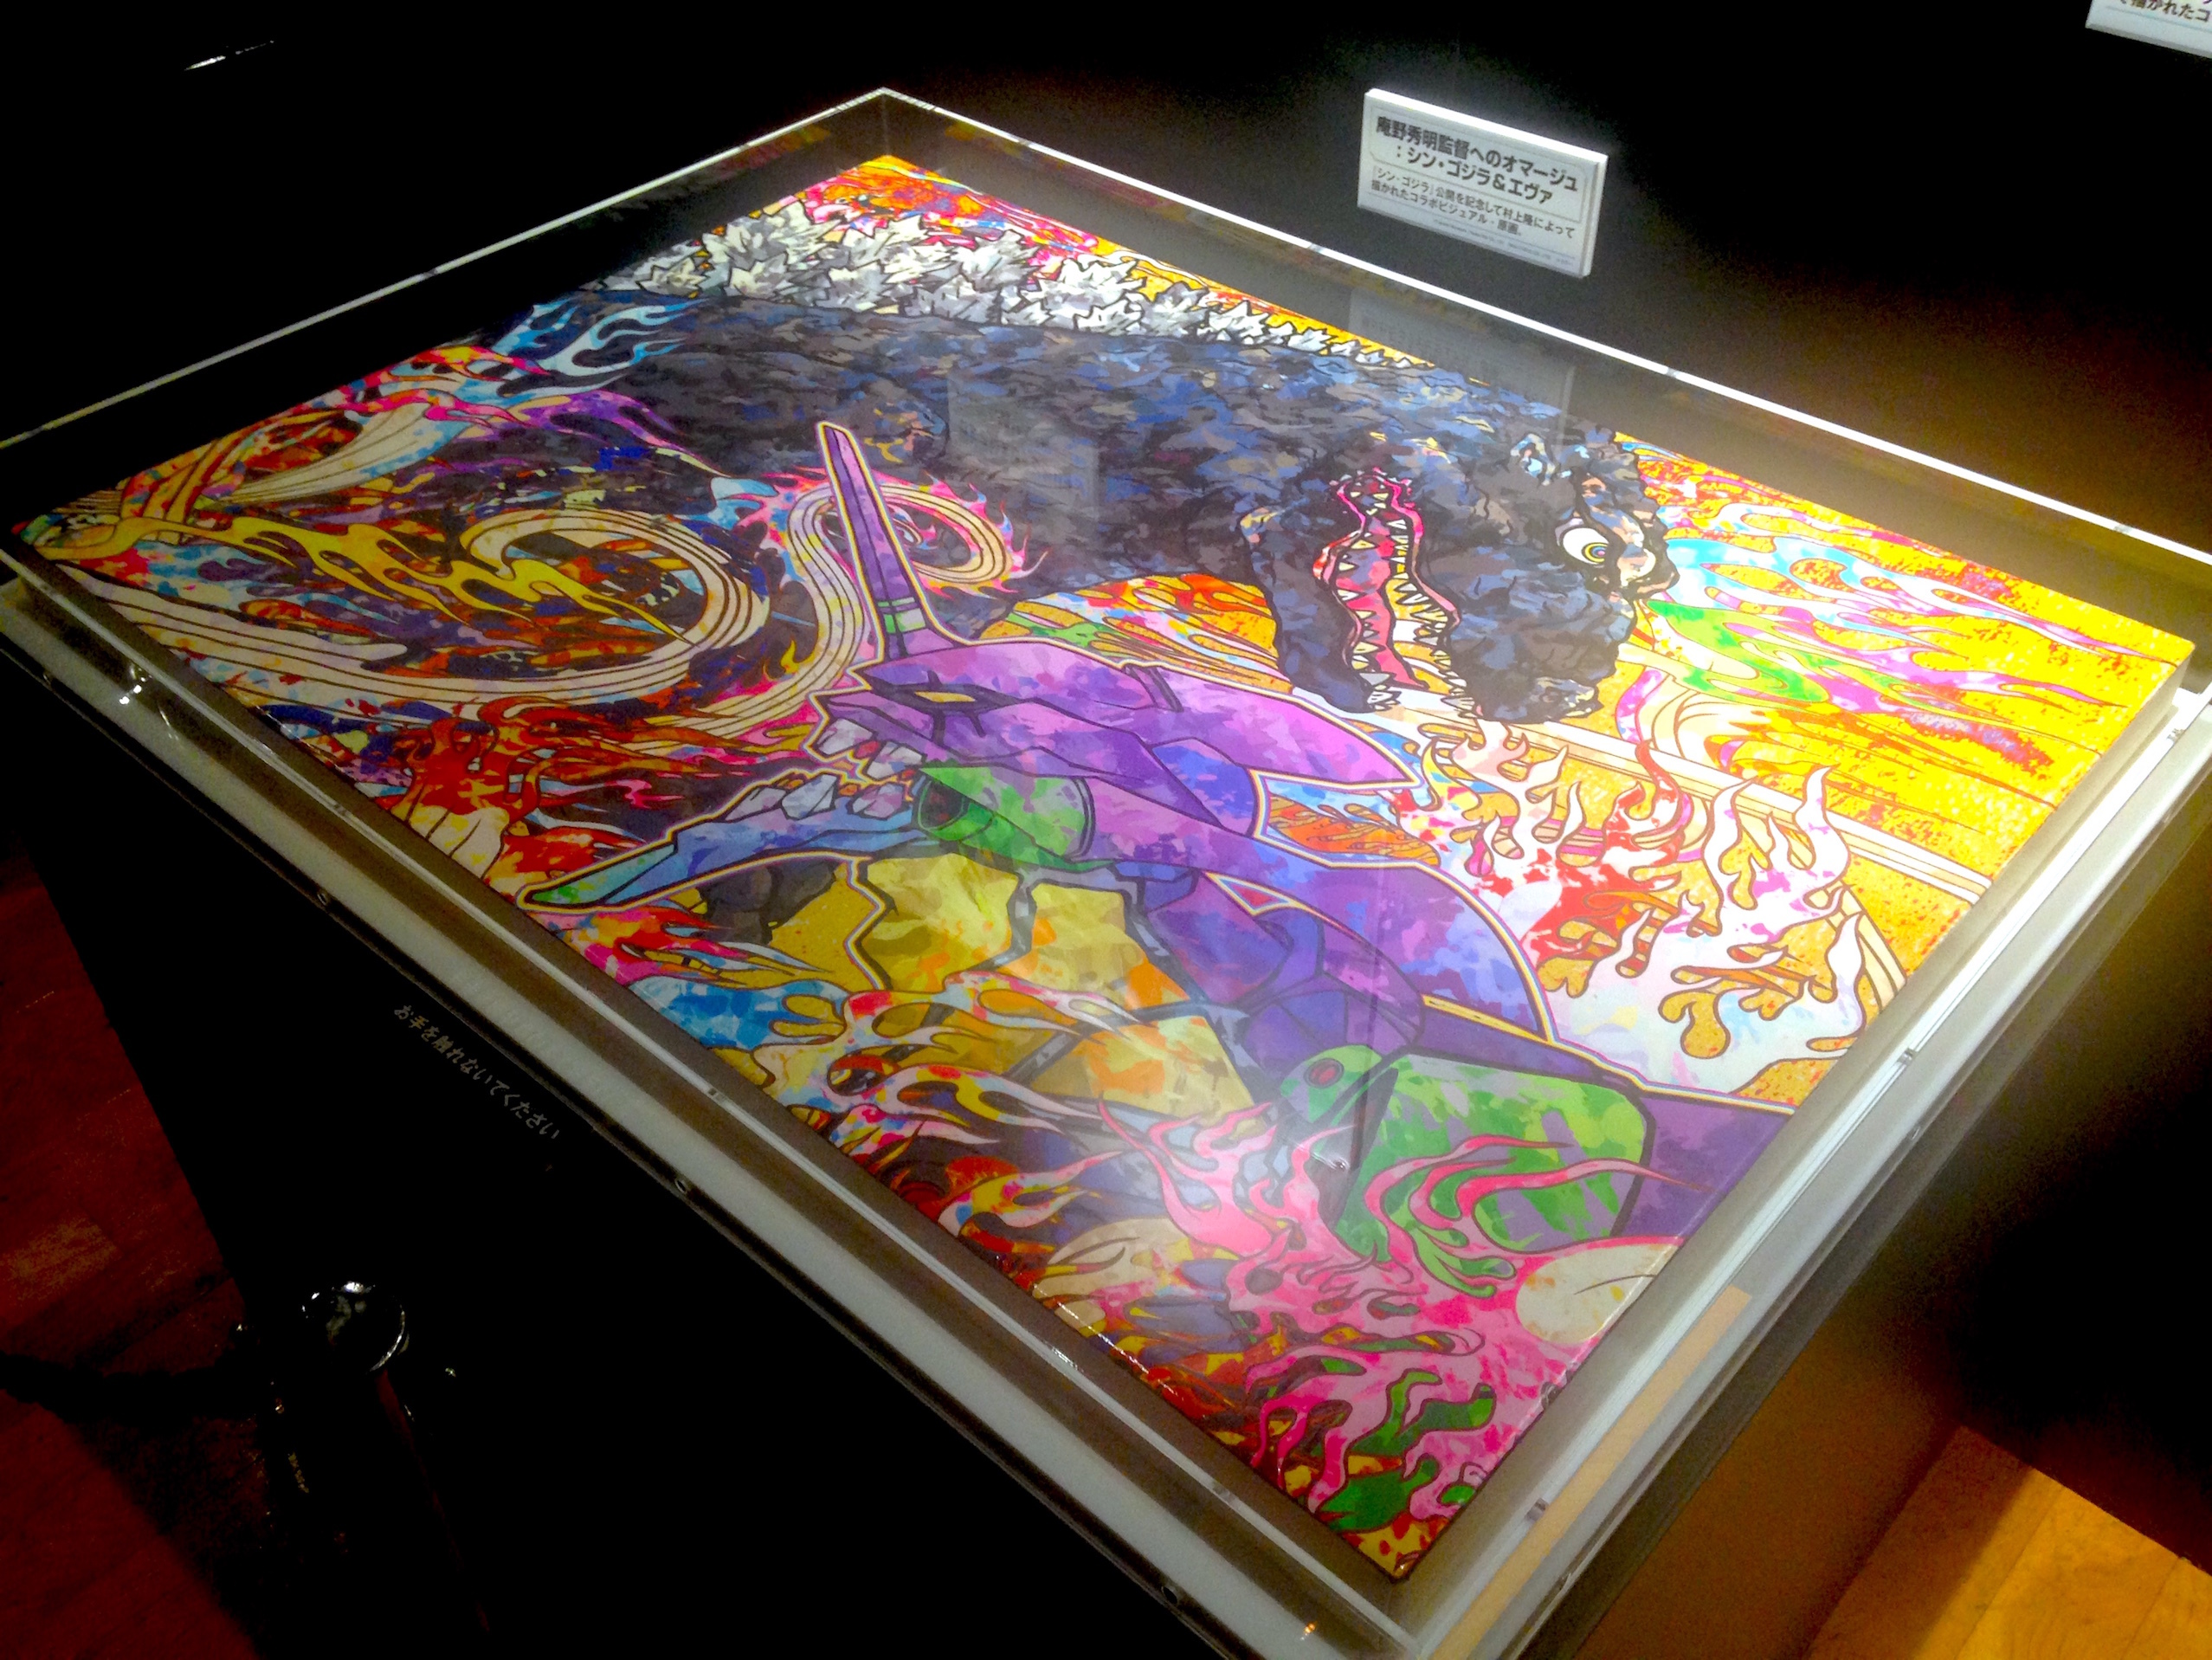 博覧会でも展示されていた村上隆による『ゴジラ対エヴァンゲリオン』ビジュアル (C)girls Artalk